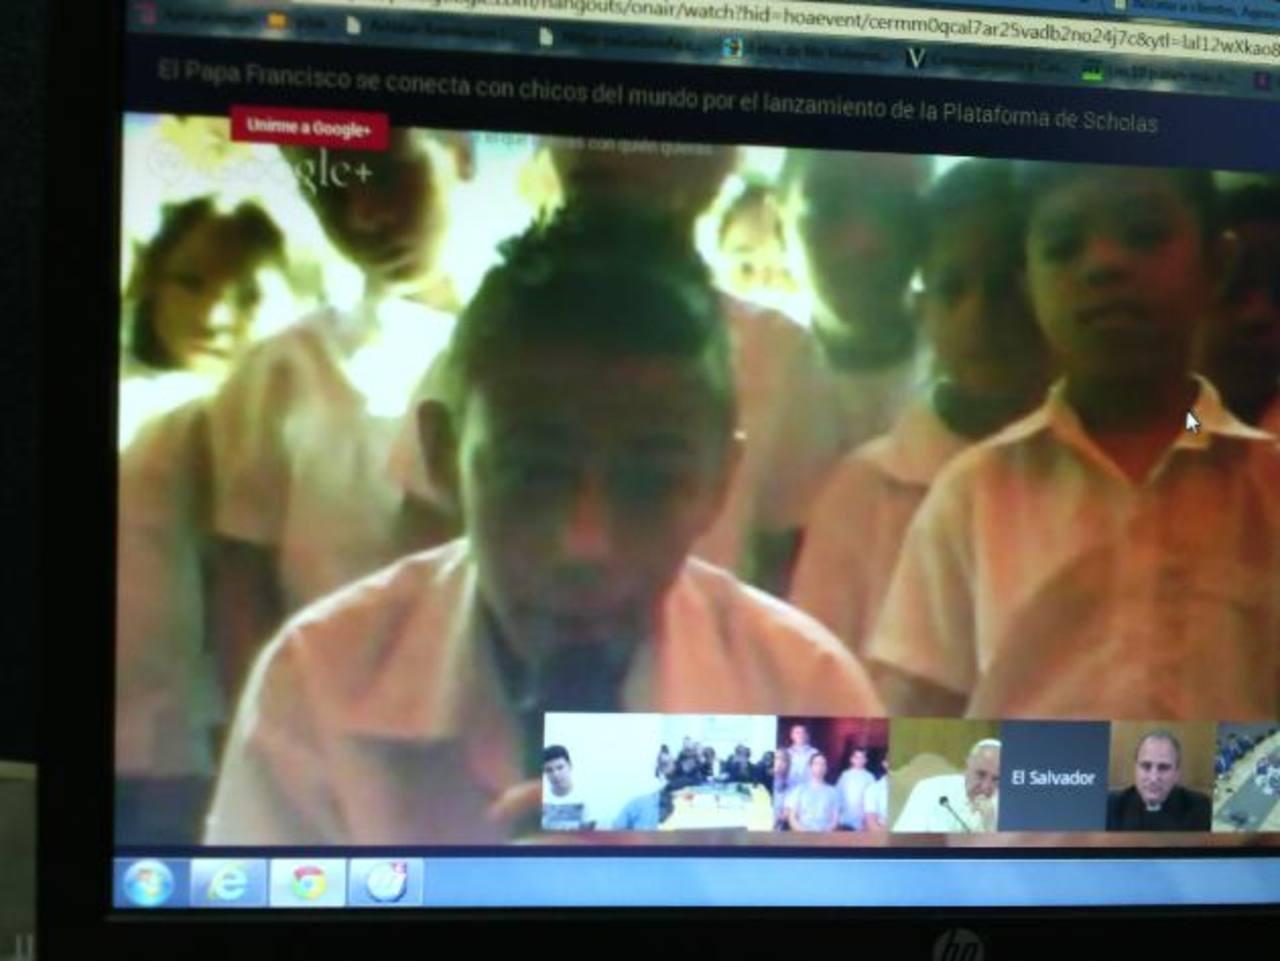 La conversación se dio en el lanzamiento de la plataforma de Scholas.